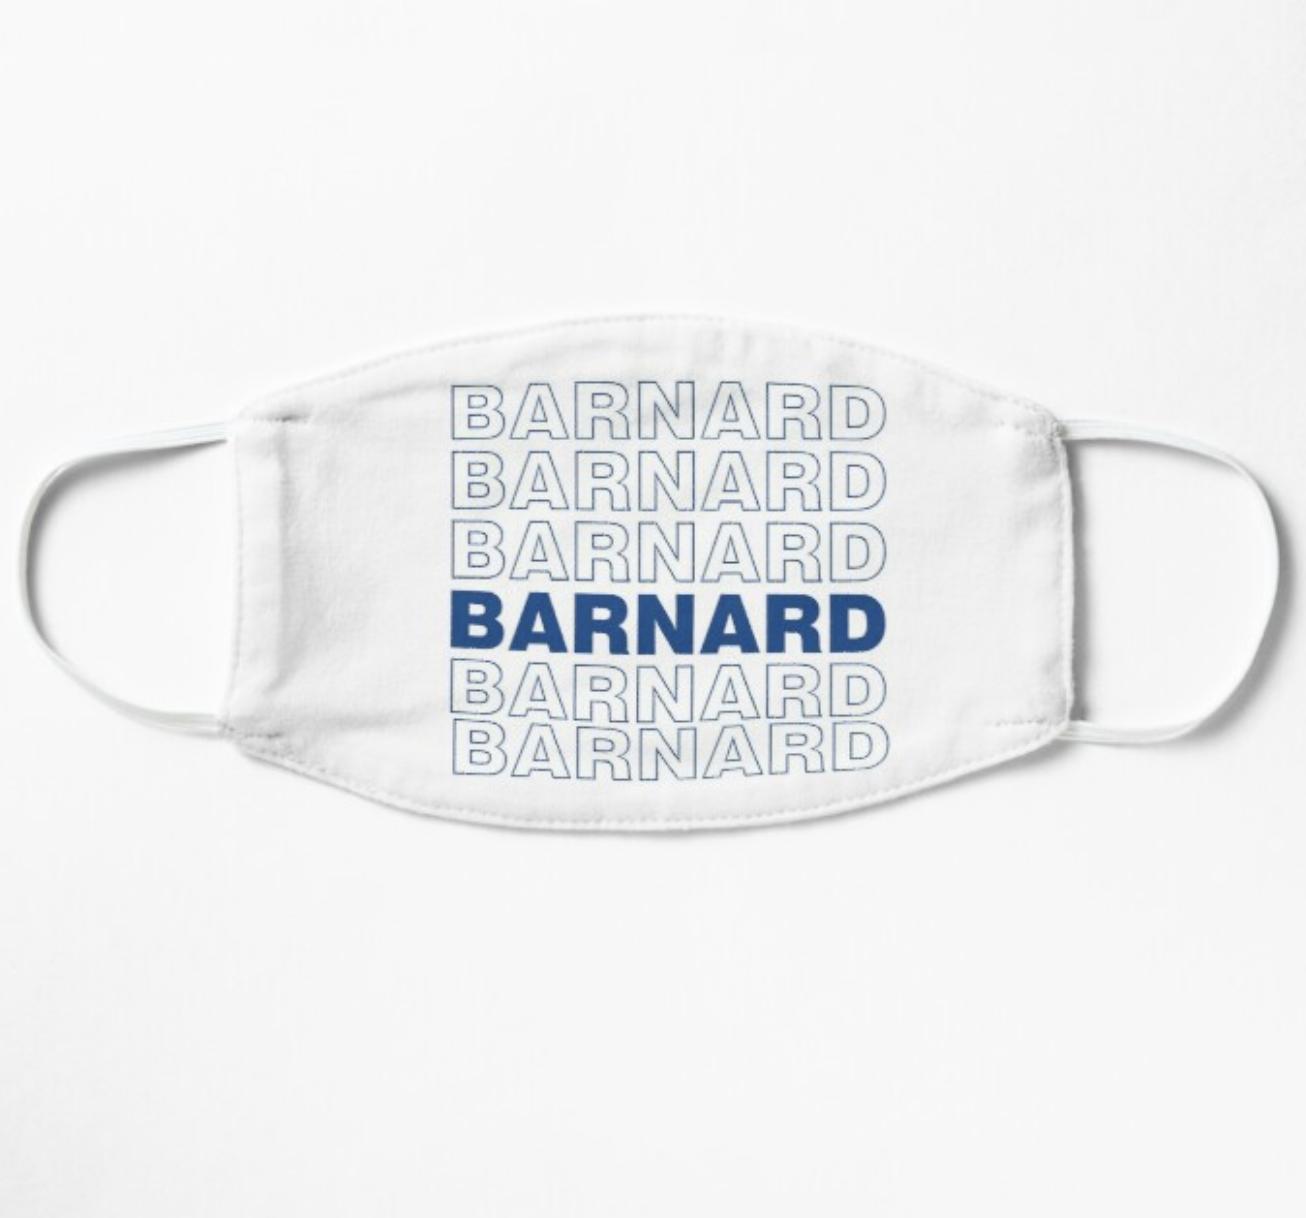 Barnard Face Mask 2.0